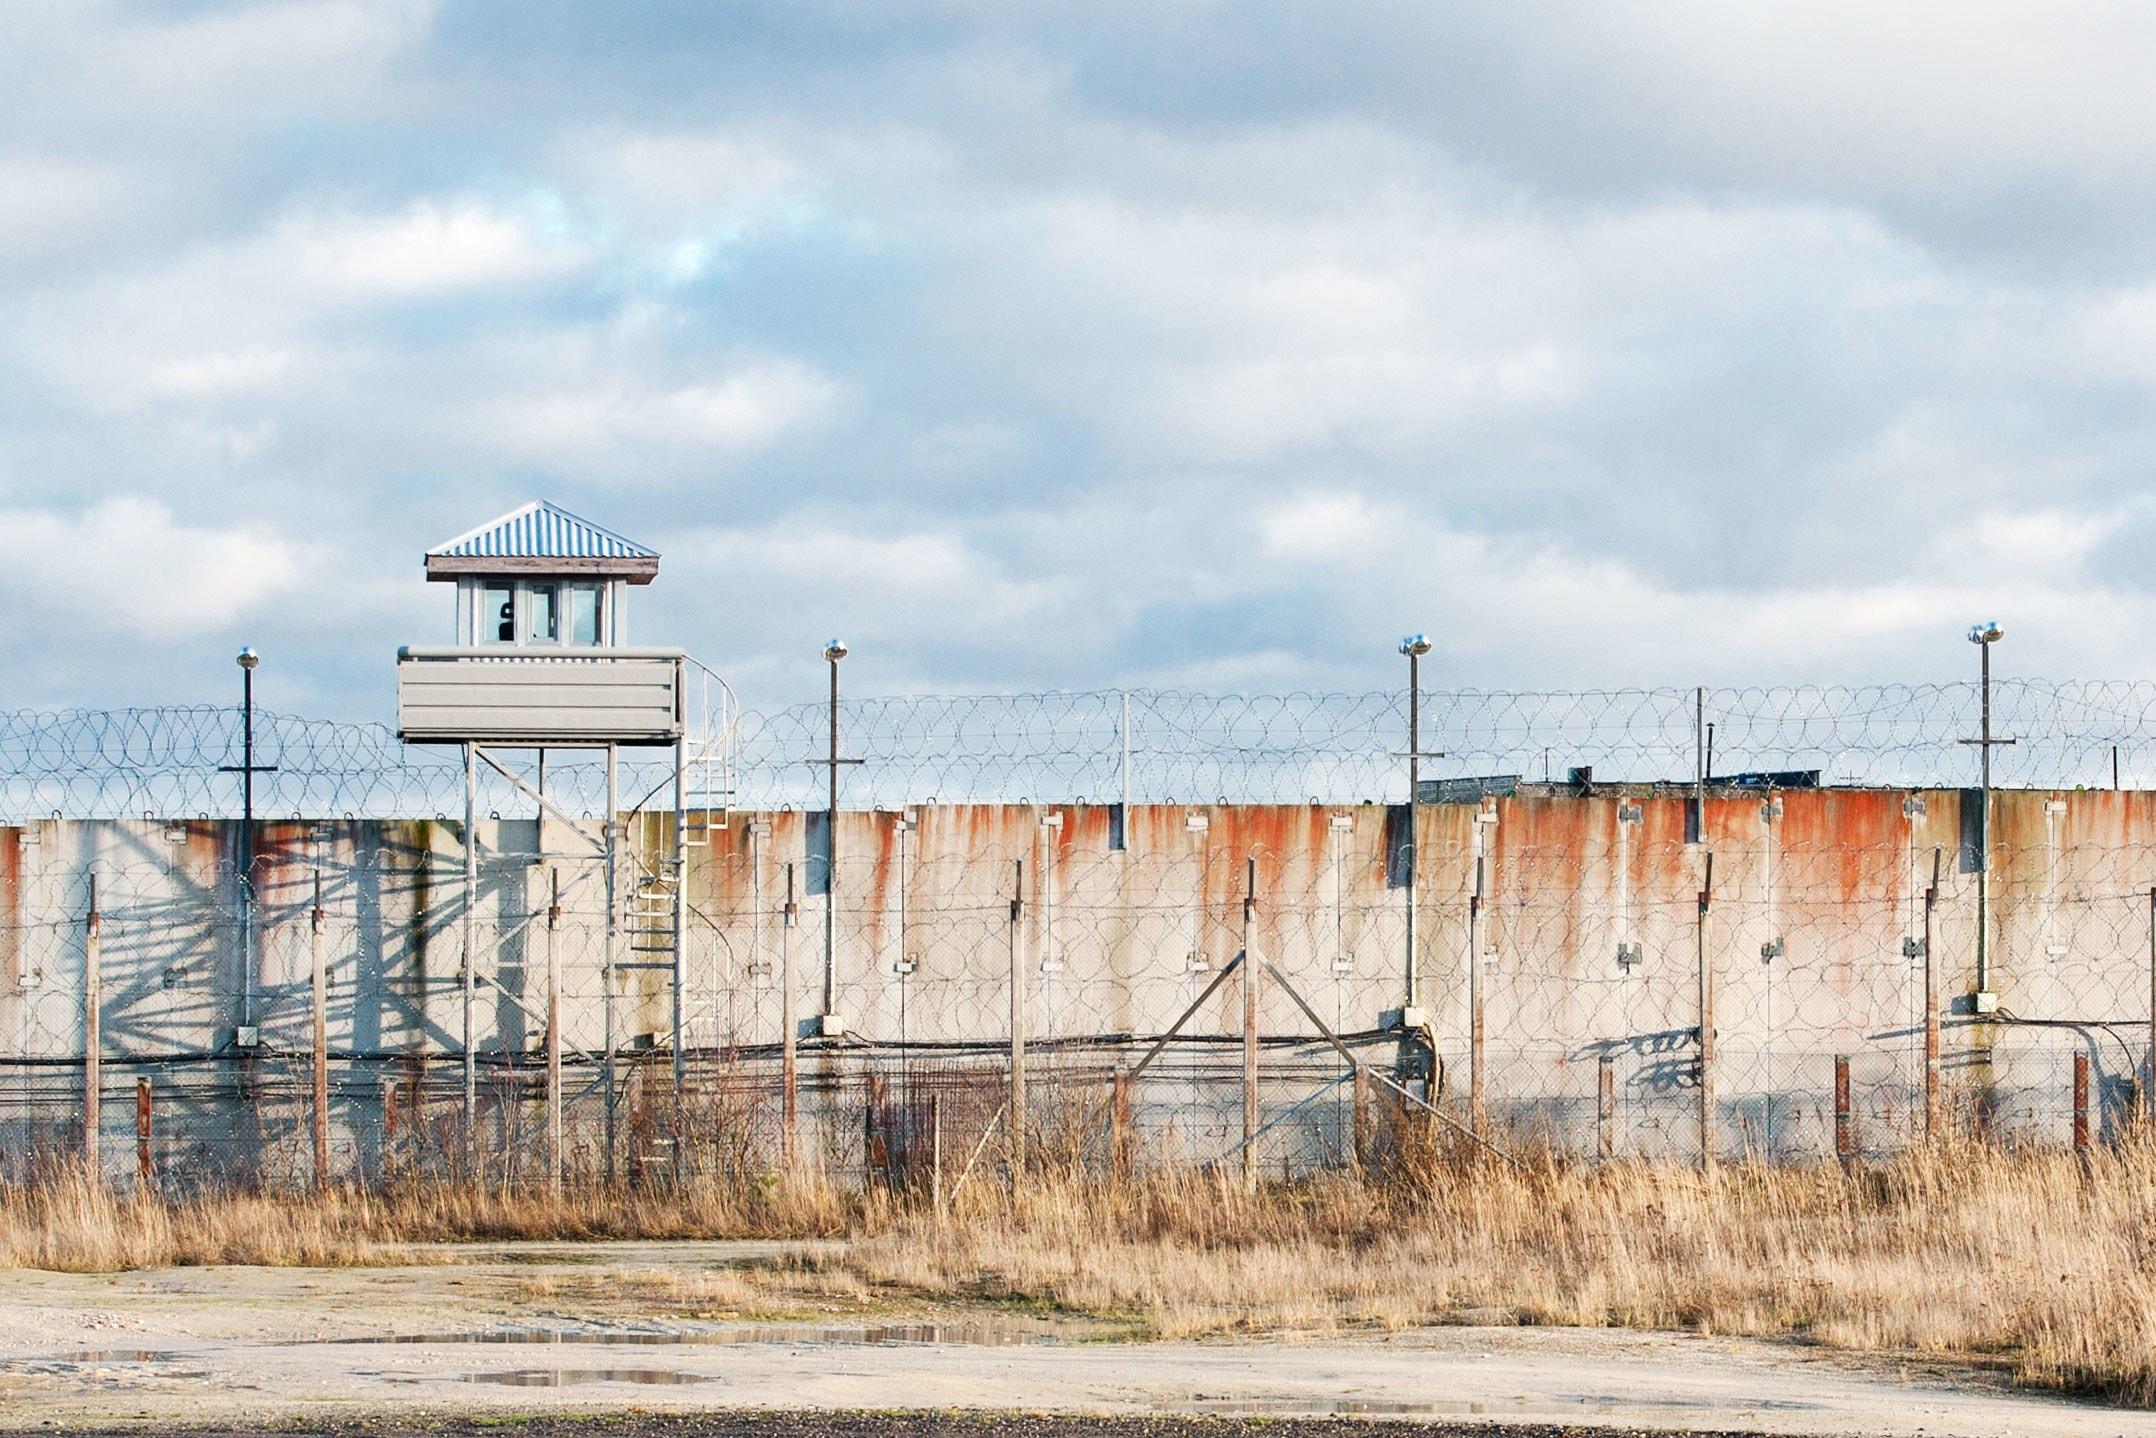 Chuyện lạ: Bà mẹ 60 tuổi của nhà nghiên cứu bảo mật ung dung bước vào nhà tù, hack cả server lẫn máy tính của quản ngục - Ảnh 1.